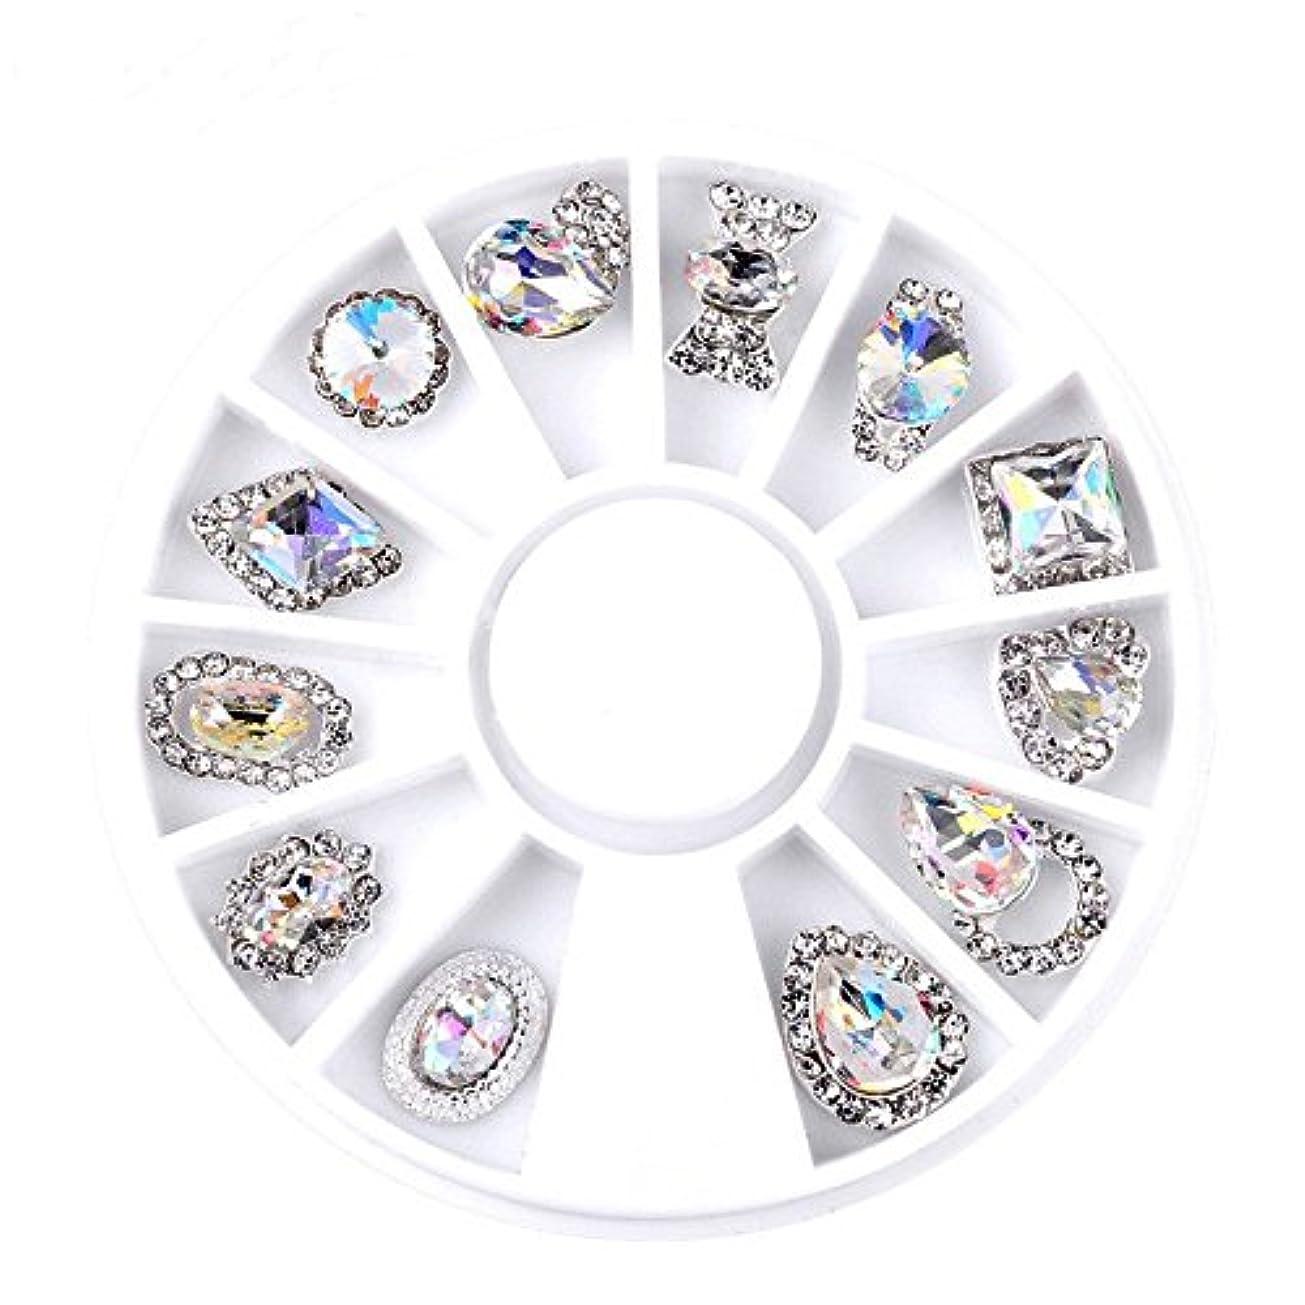 マイクロプロセッサブラインドゼロArtlalic混合ダイヤモンドのラインストーンミニビーズクロス宝石の円3Dネイルアートグライタークリスタルの爪の装飾